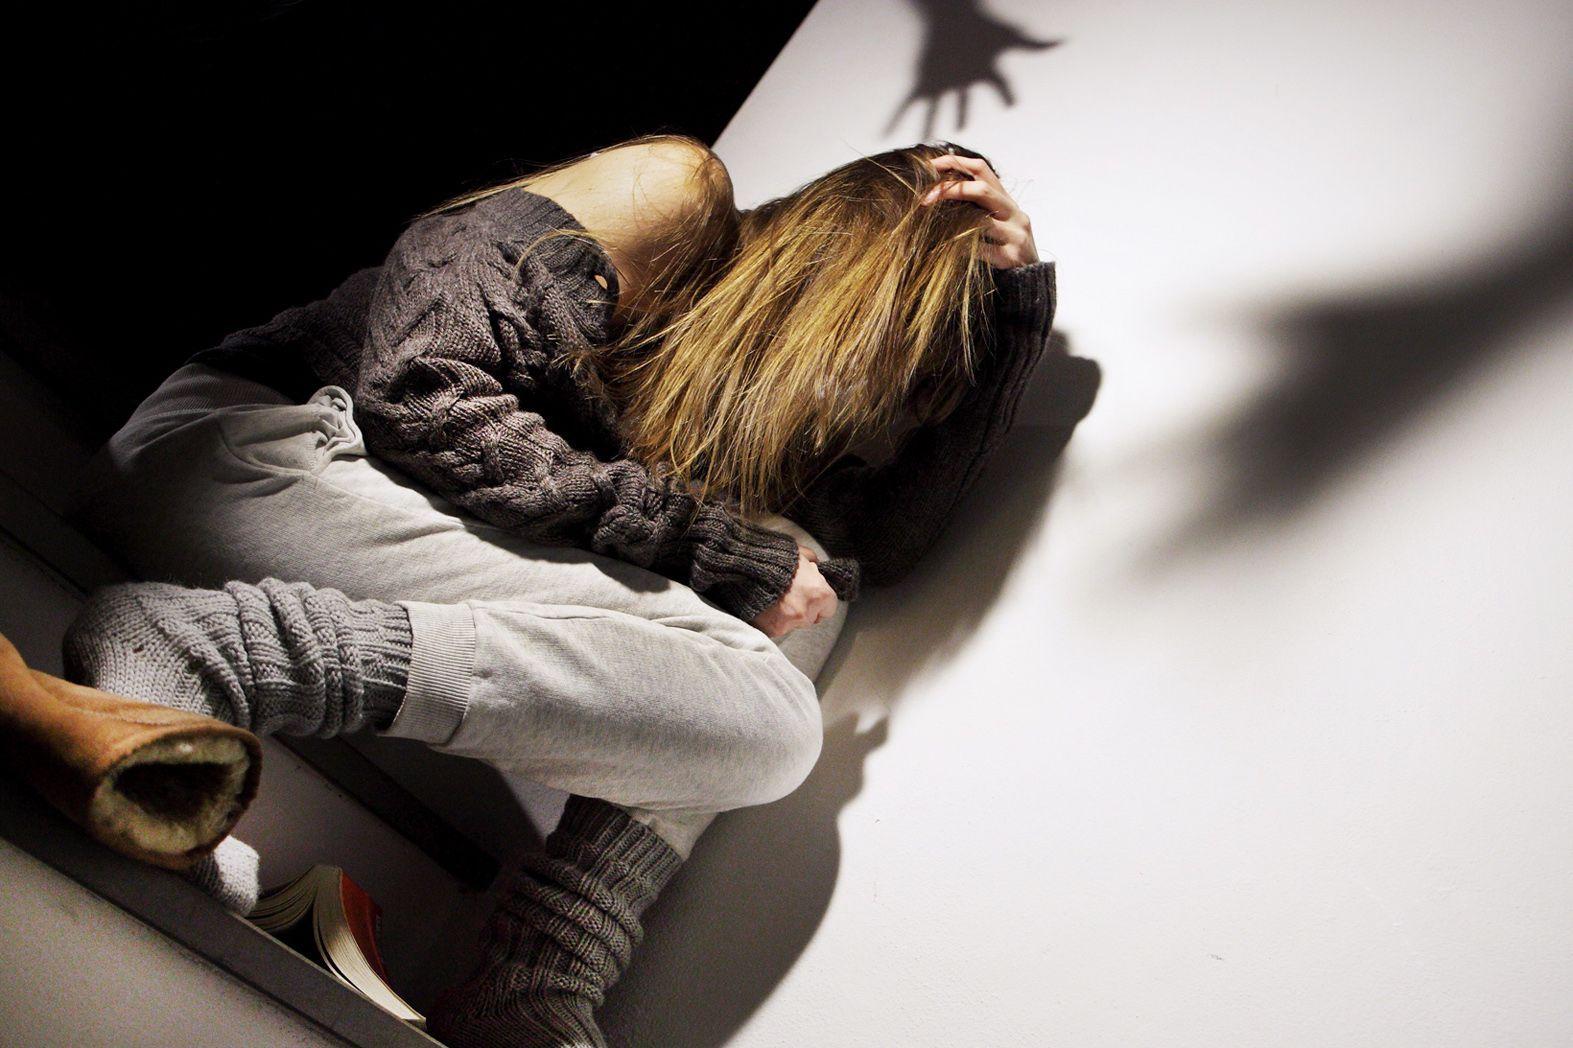 Violenza sulle donne: i libri che dovrebbero far riflettere